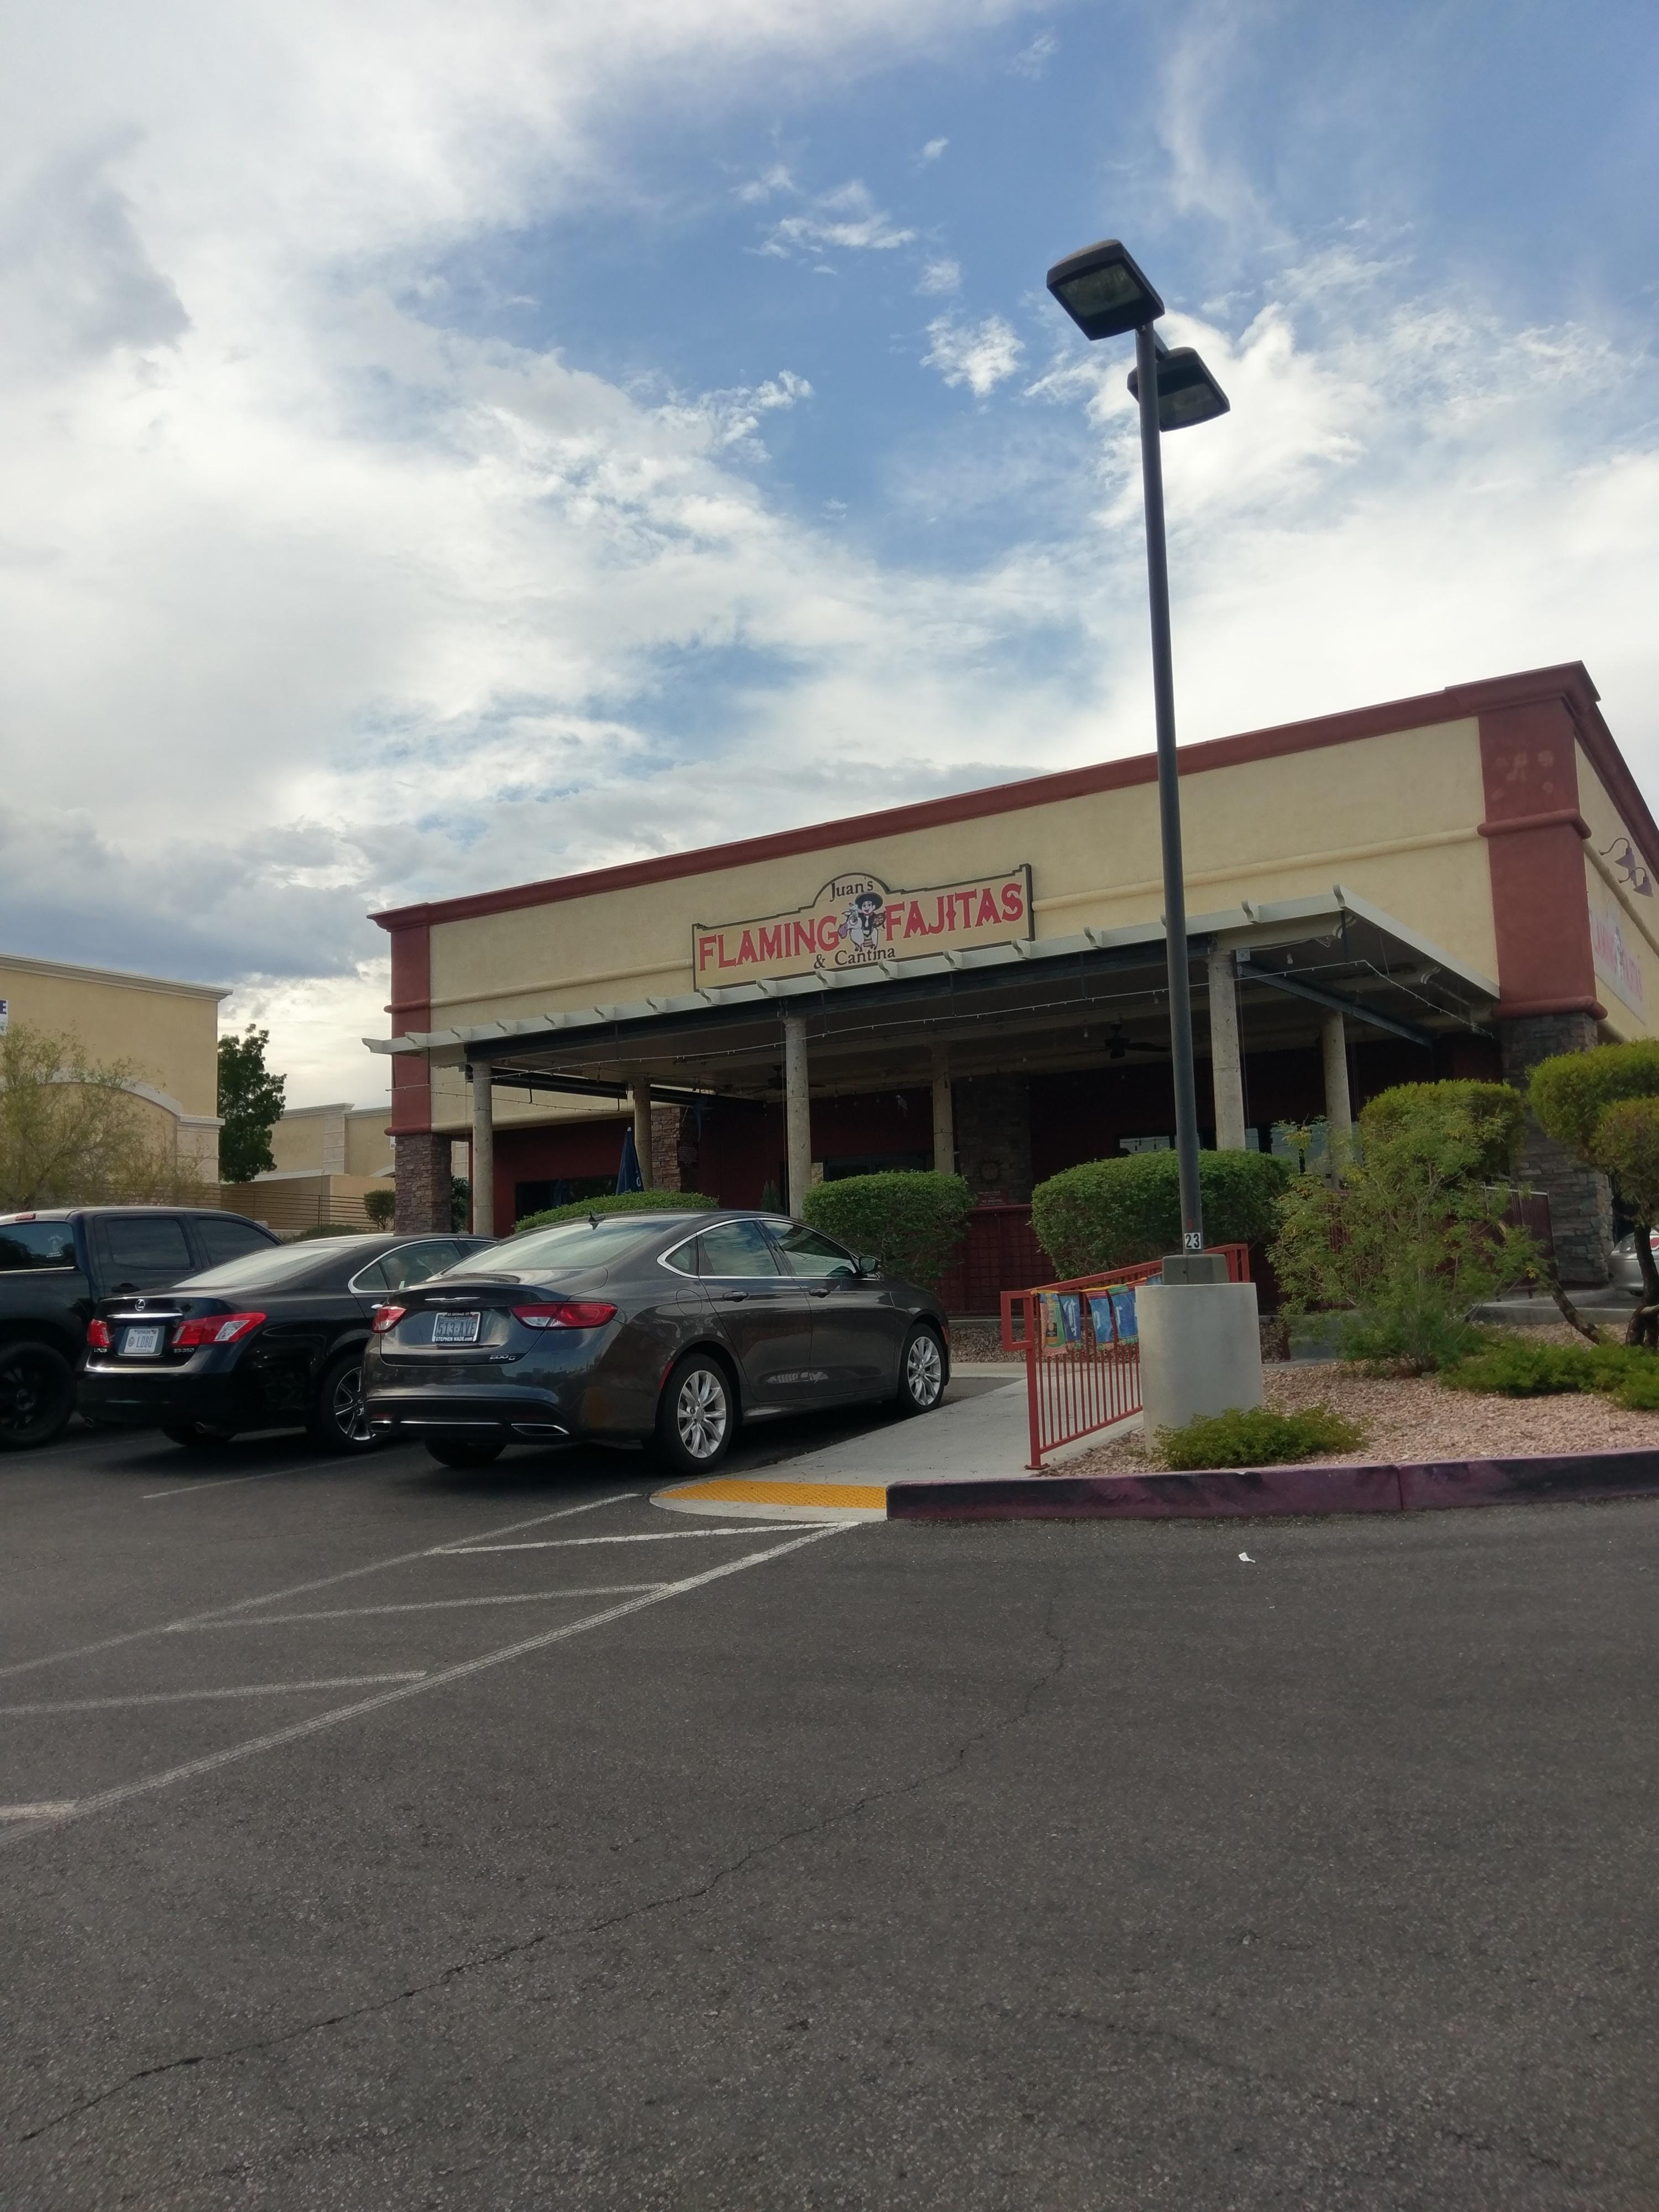 Juan's Flaming Fajitas & Cantina, Las Vegas, Nevada